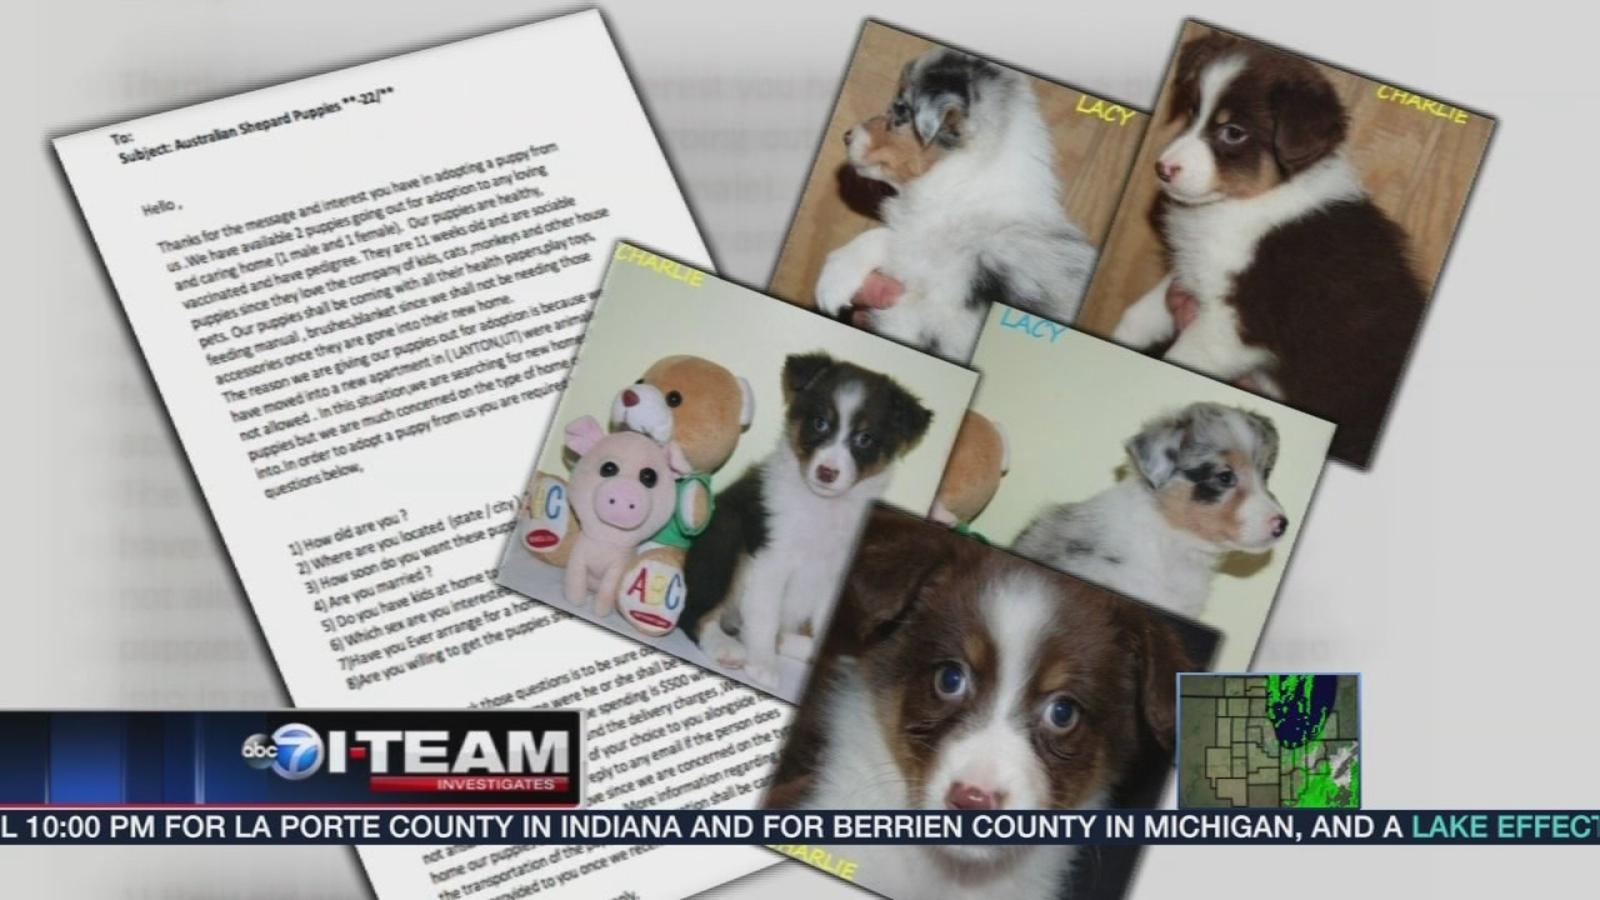 Puppy Scammer List 2020.103114 Wls Iteam Puppyscam Vid